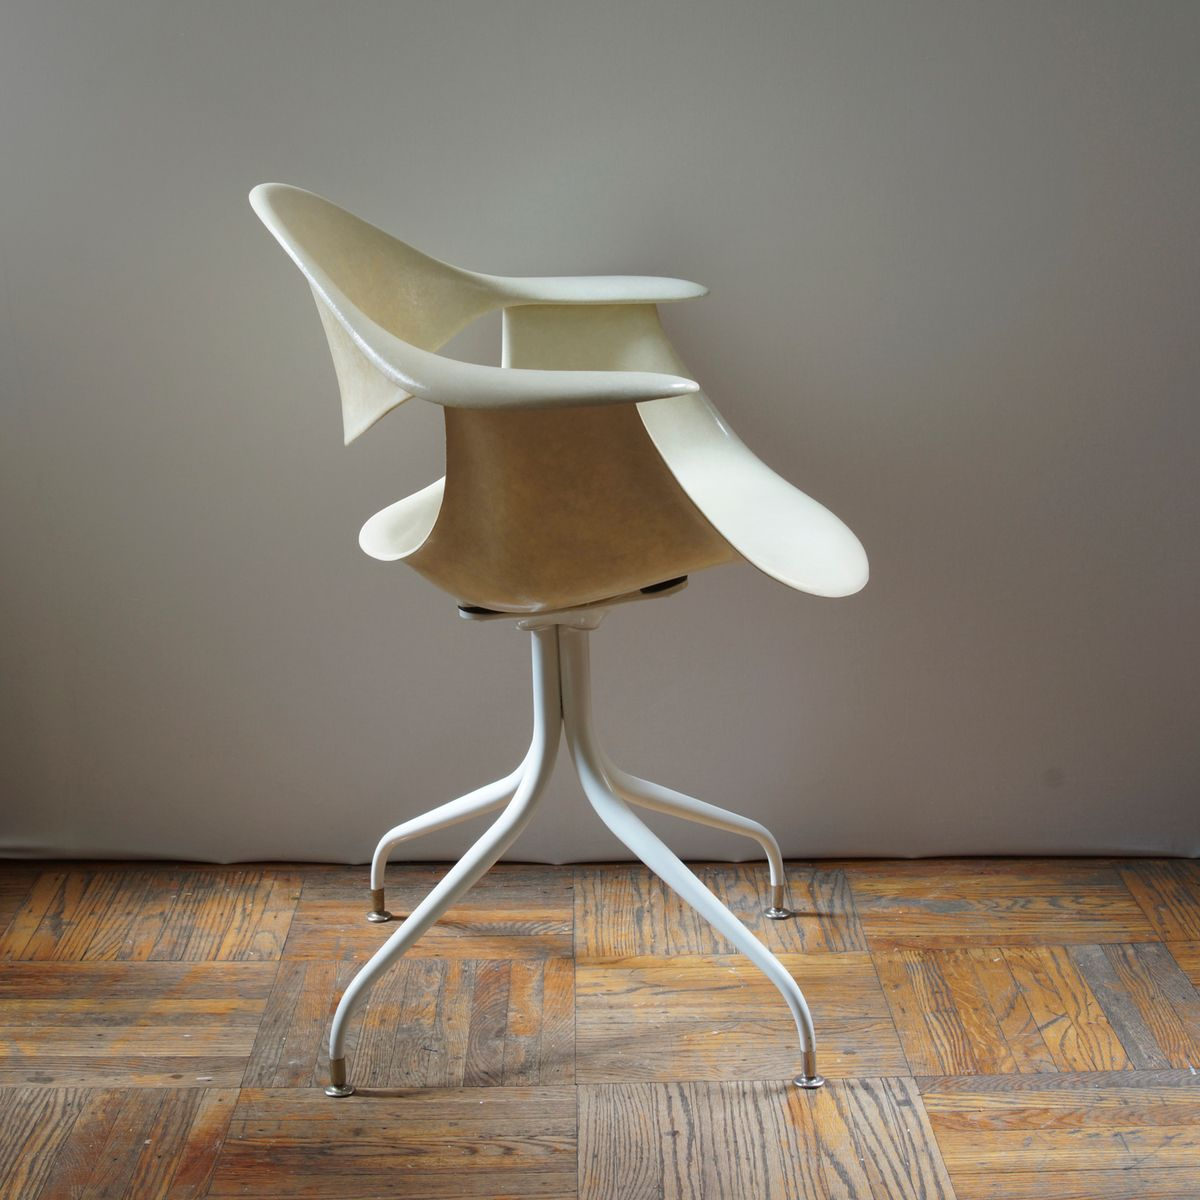 amerikanischer daf stuhl mit geschwungenen beinen von george nelson f r herman miller 1950er. Black Bedroom Furniture Sets. Home Design Ideas